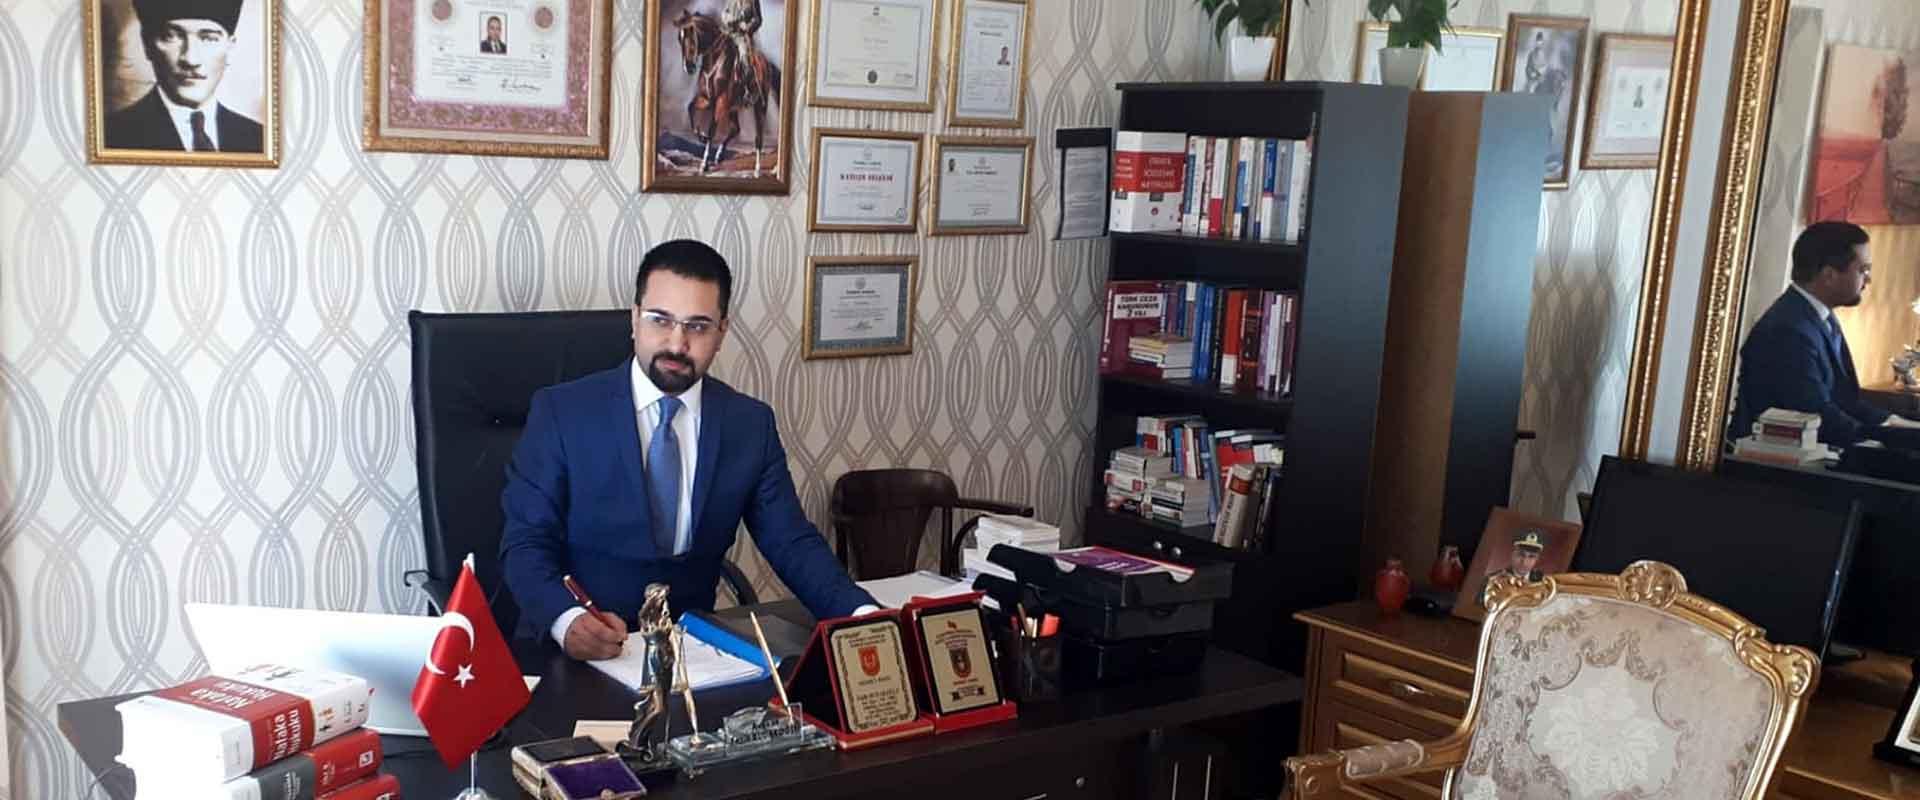 Boşanma Avukatı Fatih Budakoğlu. İkra Hukuk Aile Hukuku.